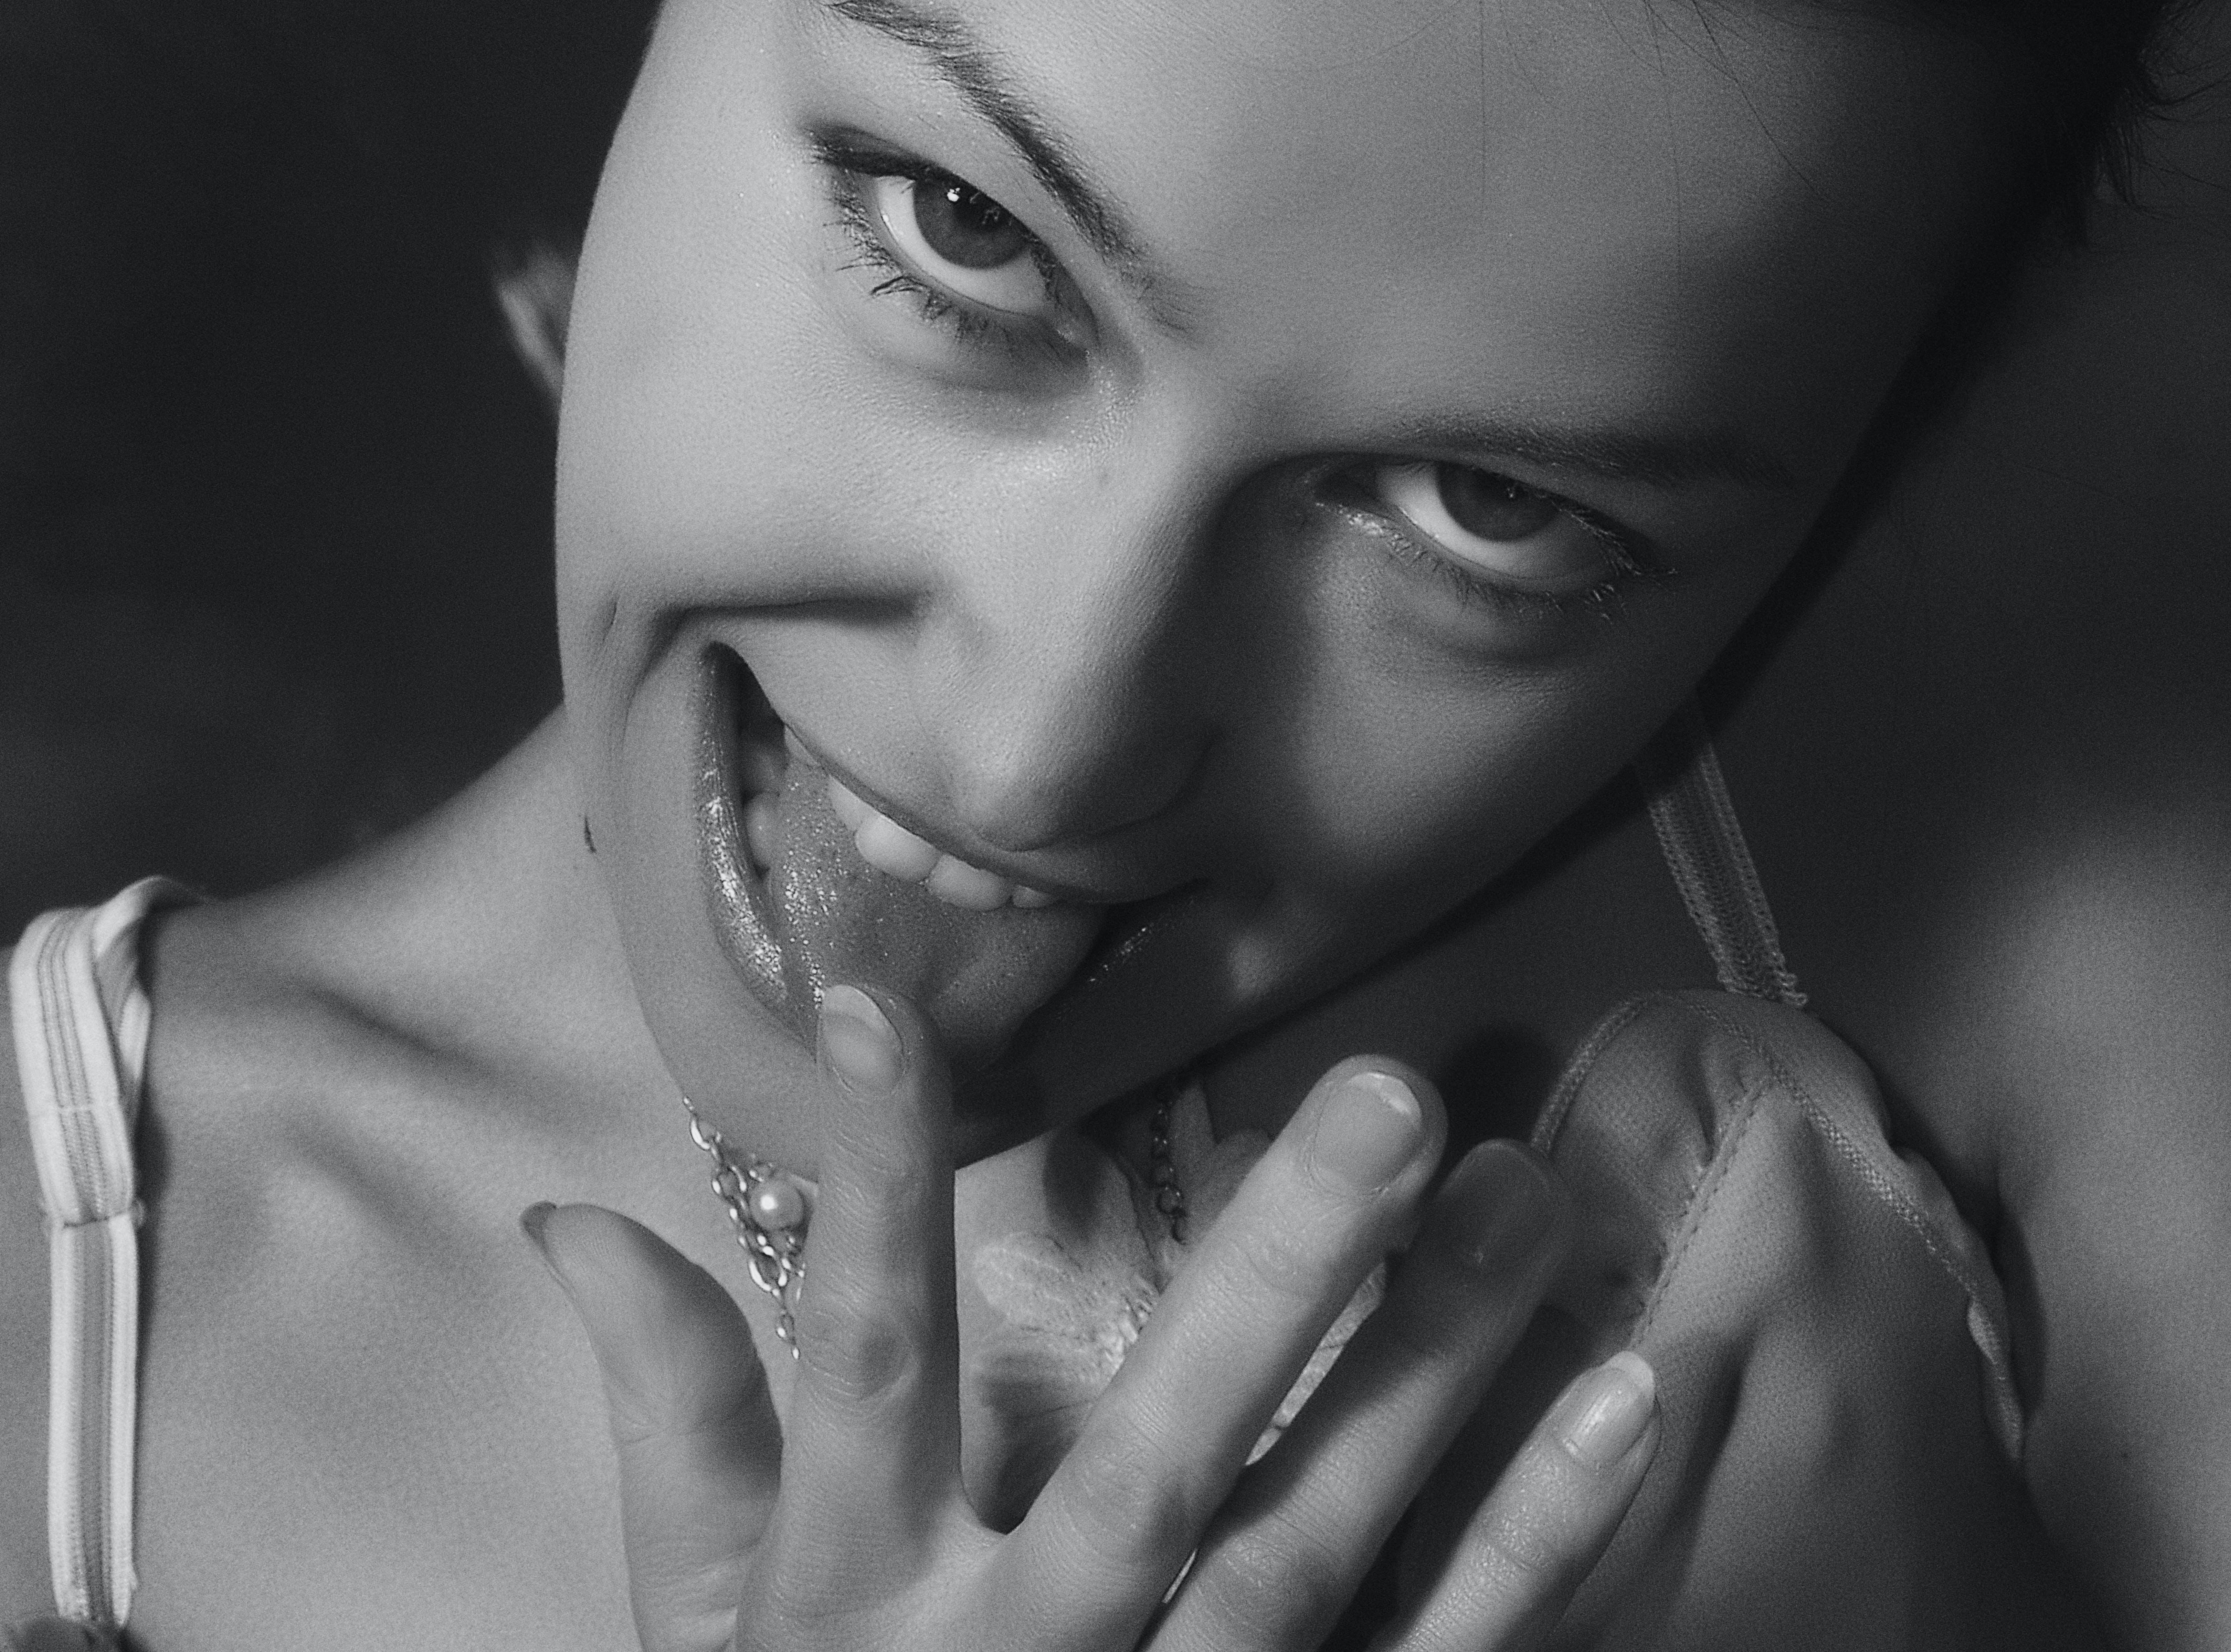 Kostnadsfri bild av глаза, губы, девушка, женский пол